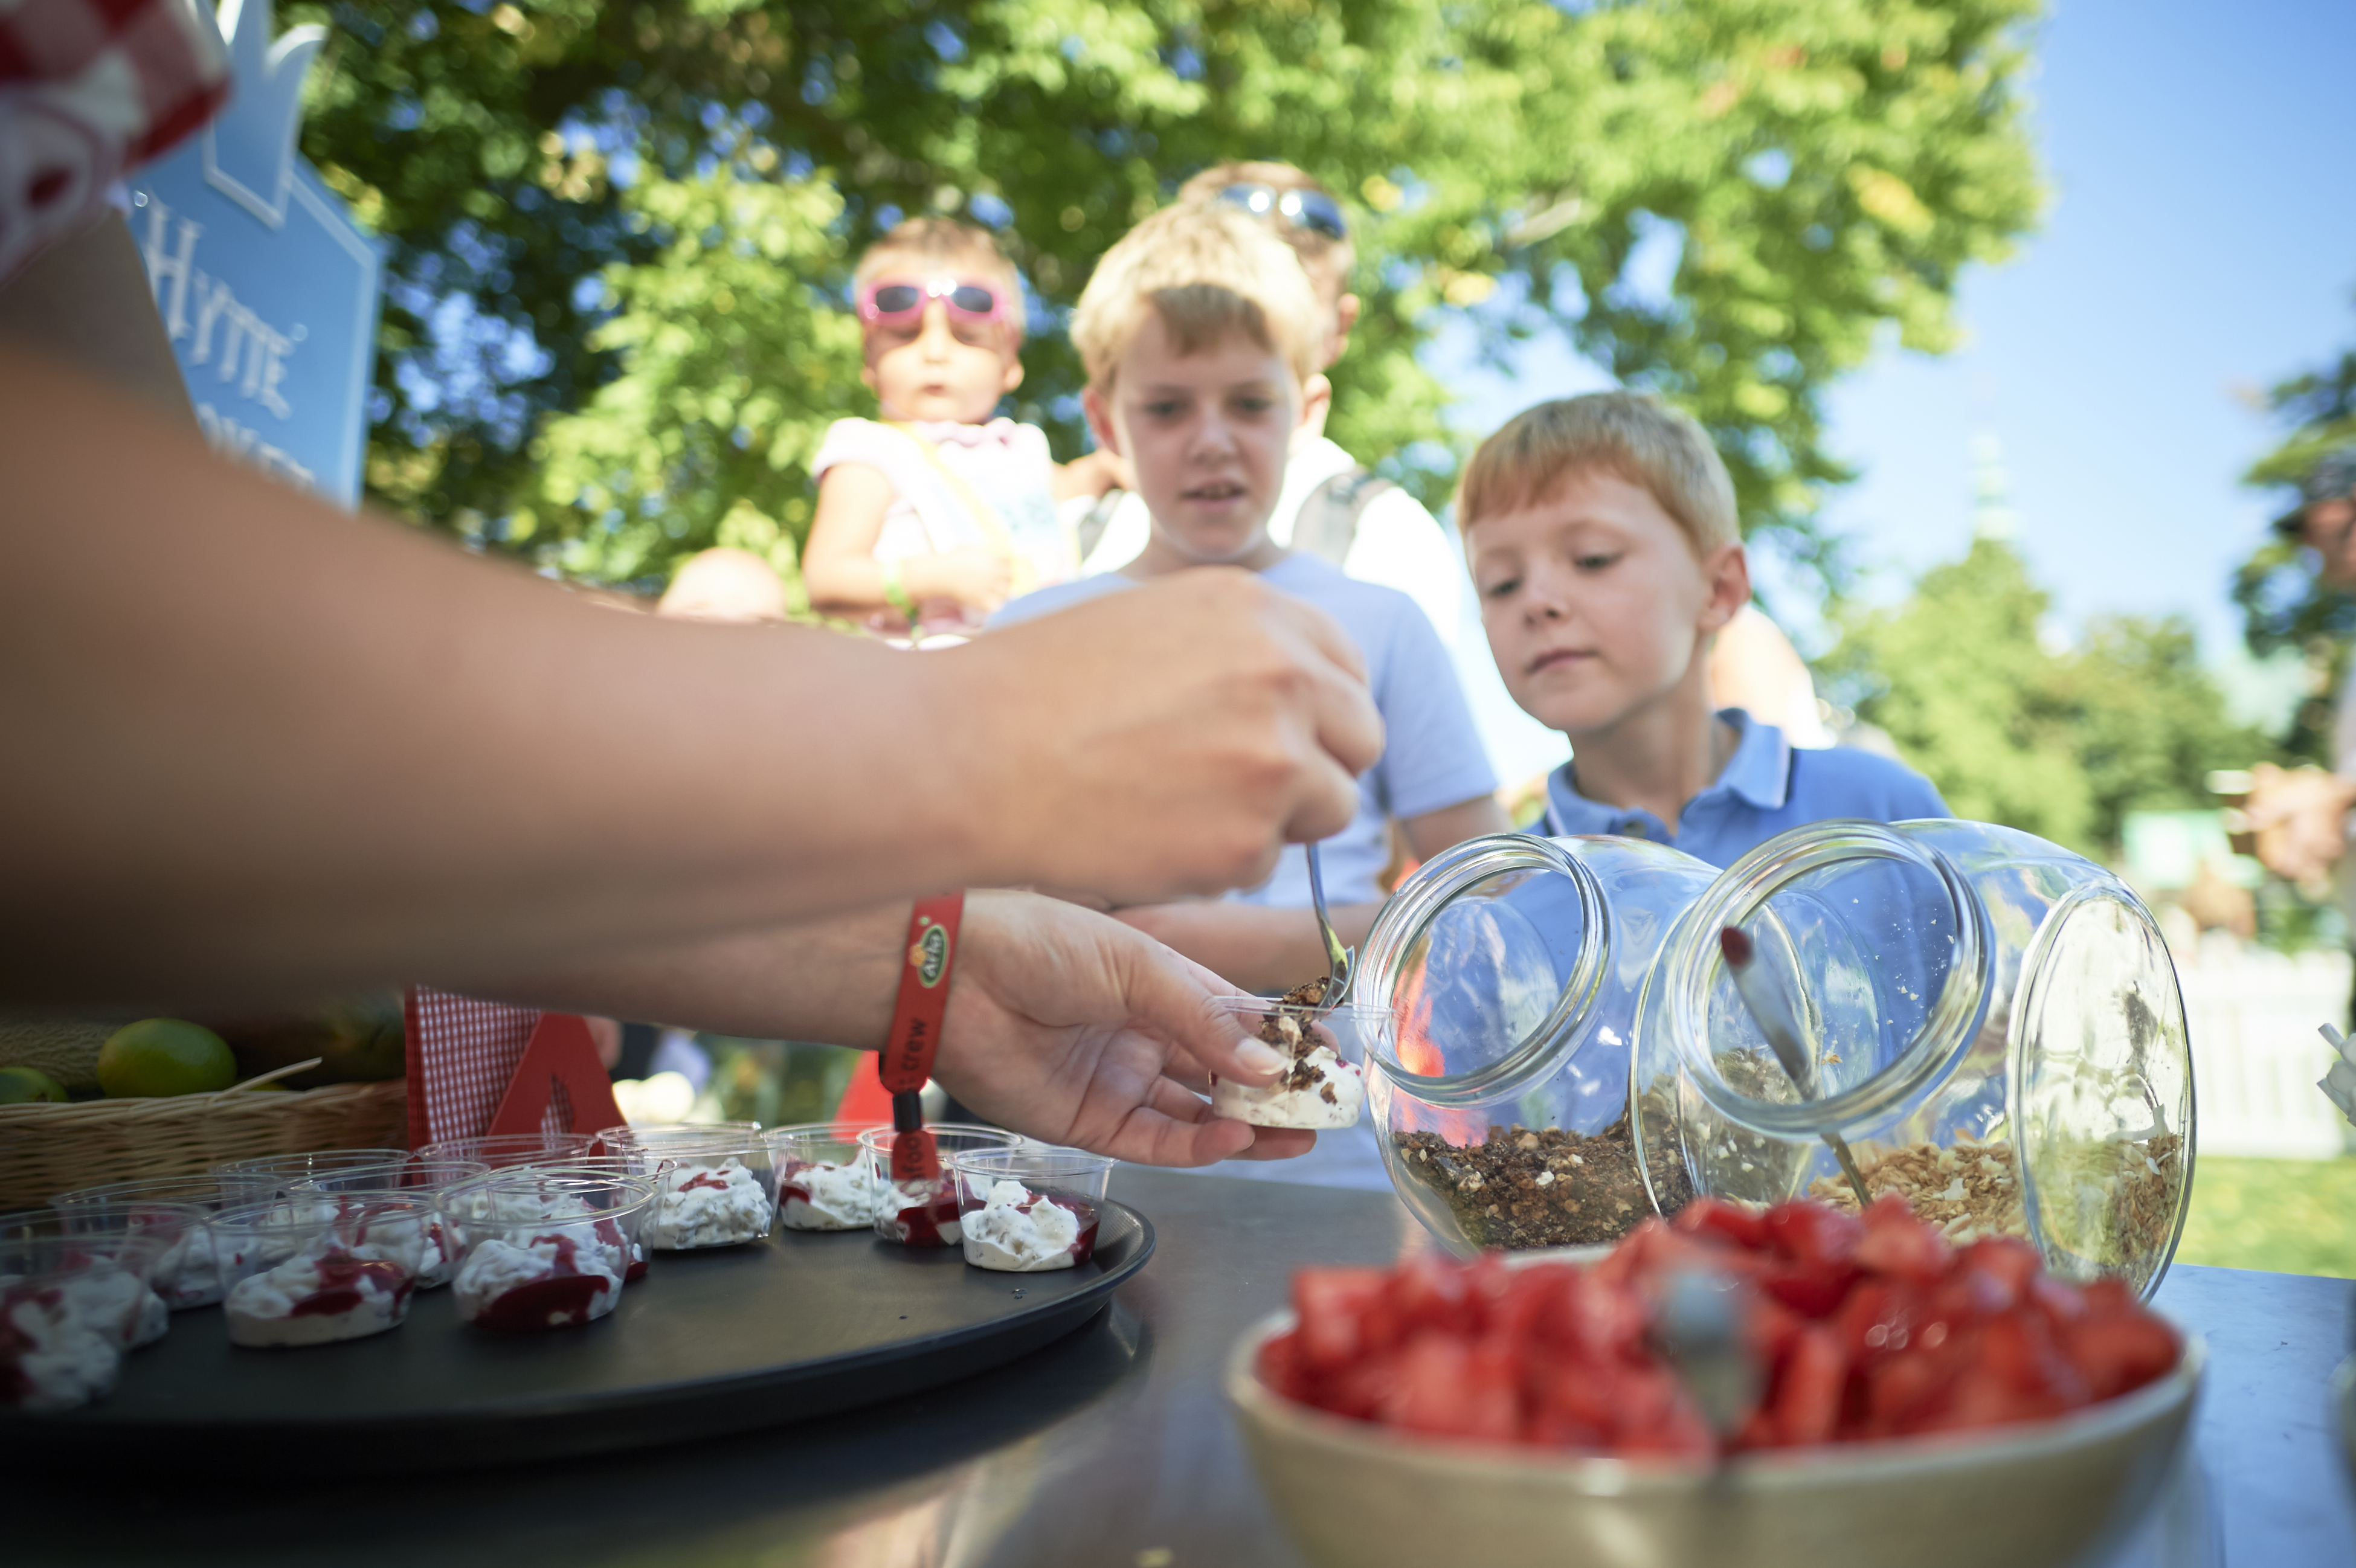 Ny prisuddeling sætter fokus på børns madforståelse